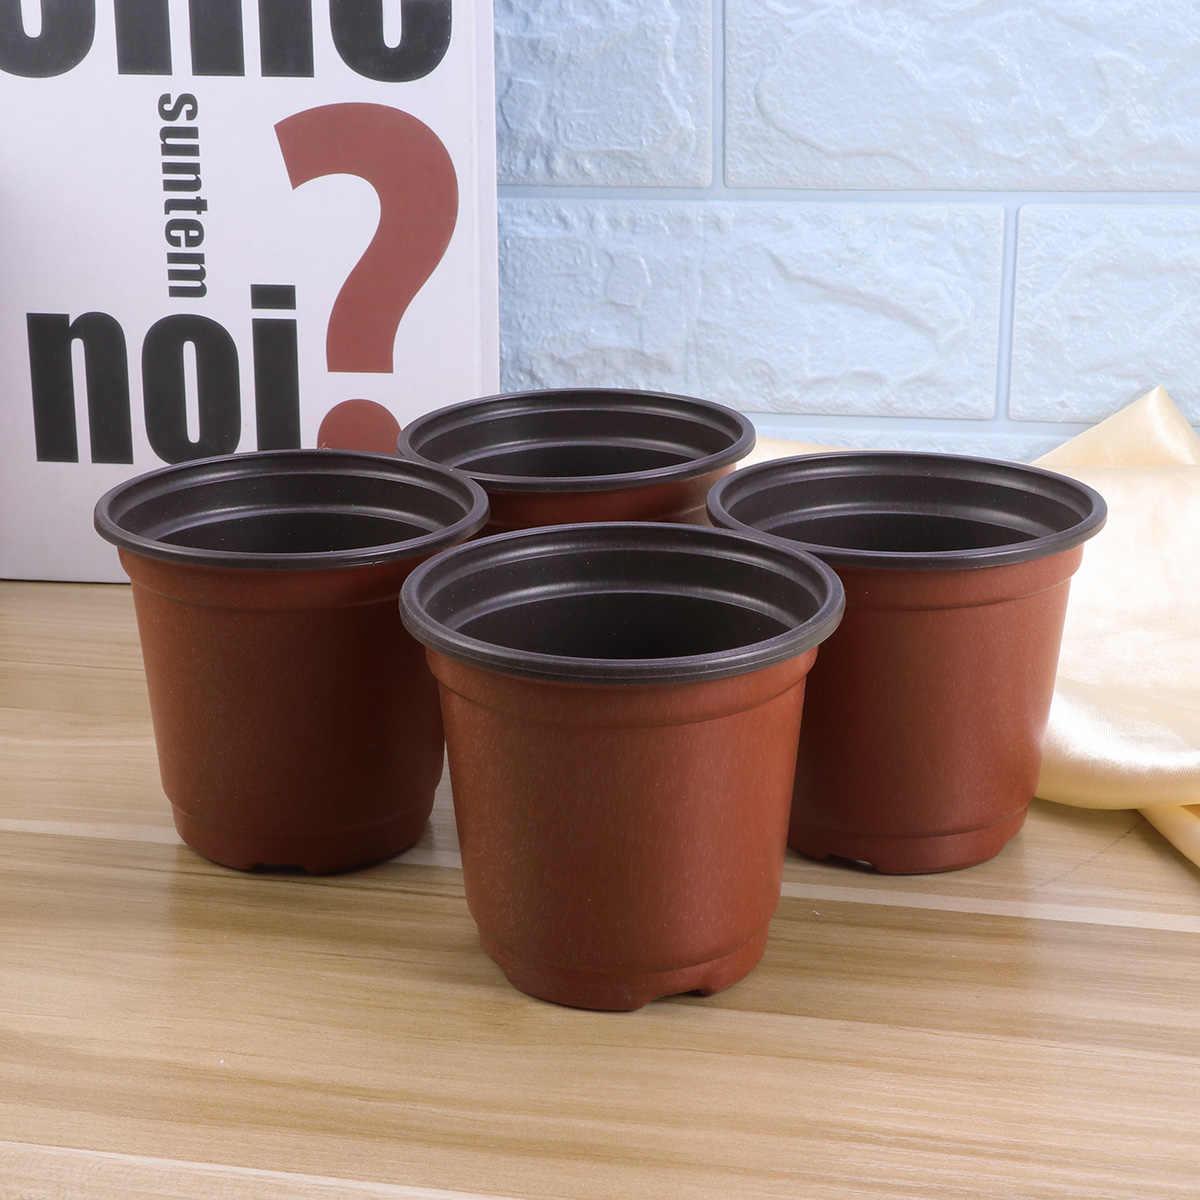 30 PCS Plástico Respirável Porcelana Criativo Titular da Bacia Potes Suculentas Vasos para Plantas Suculentas Flor